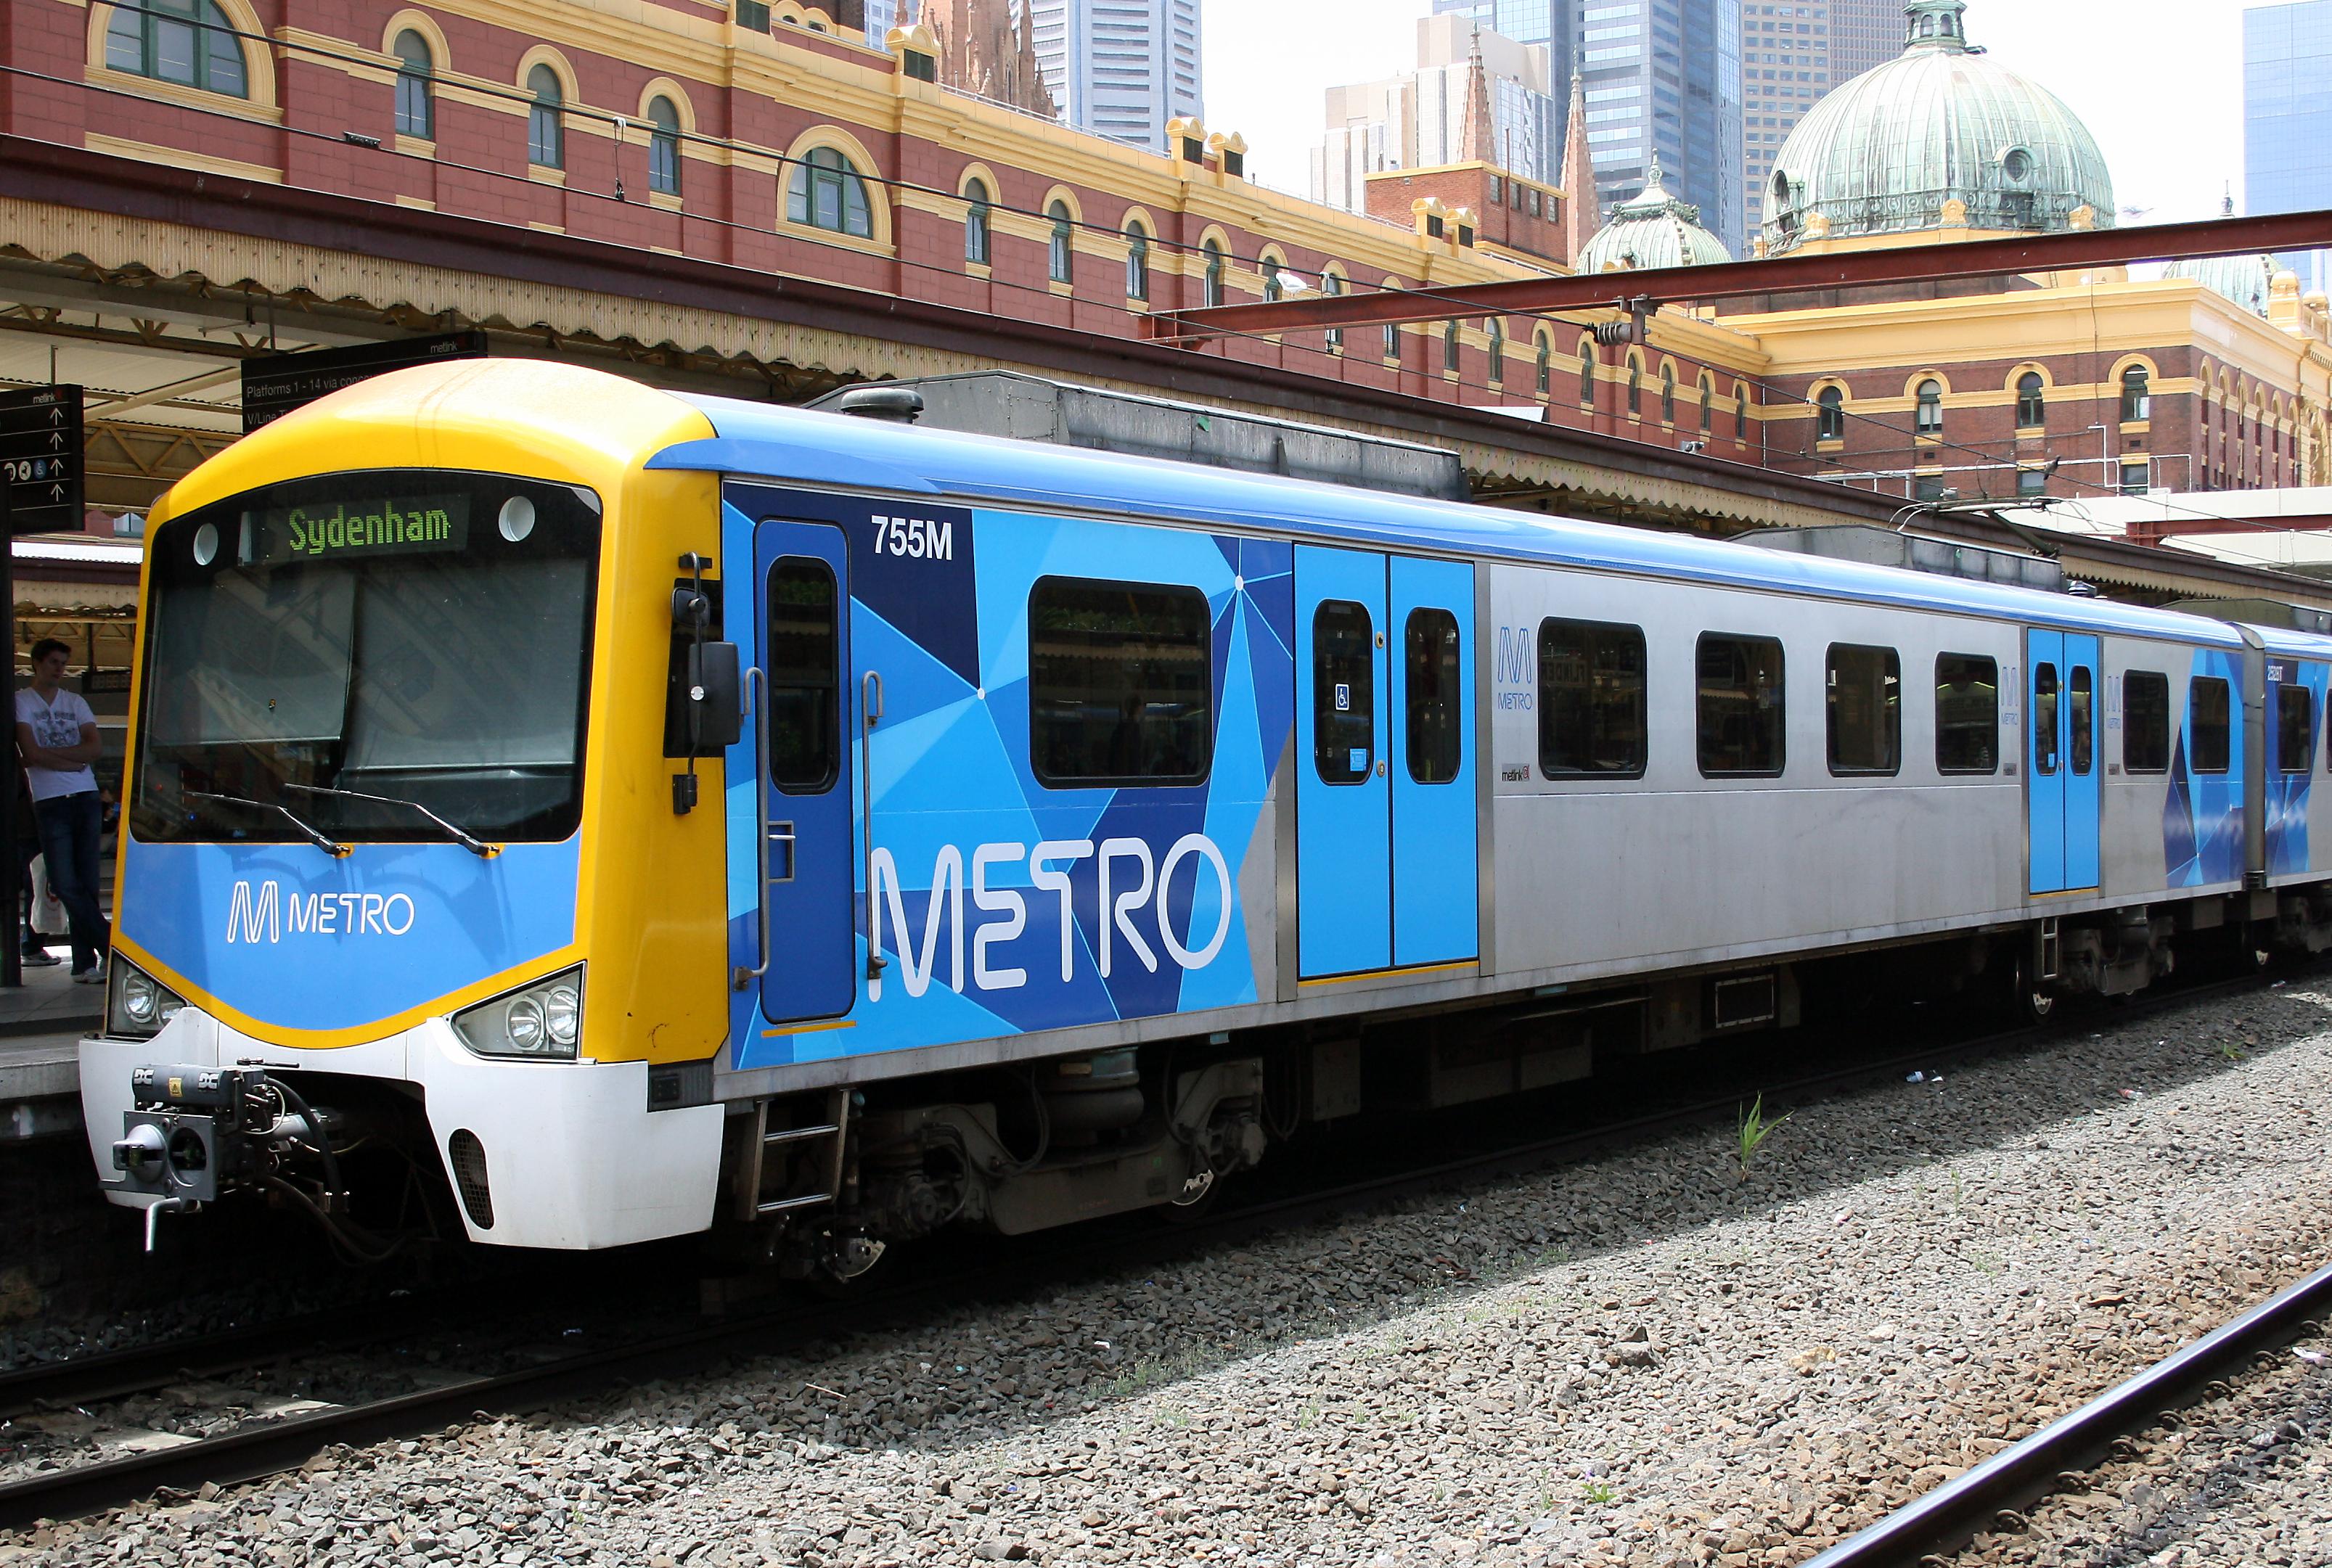 Kết quả hình ảnh cho metro train